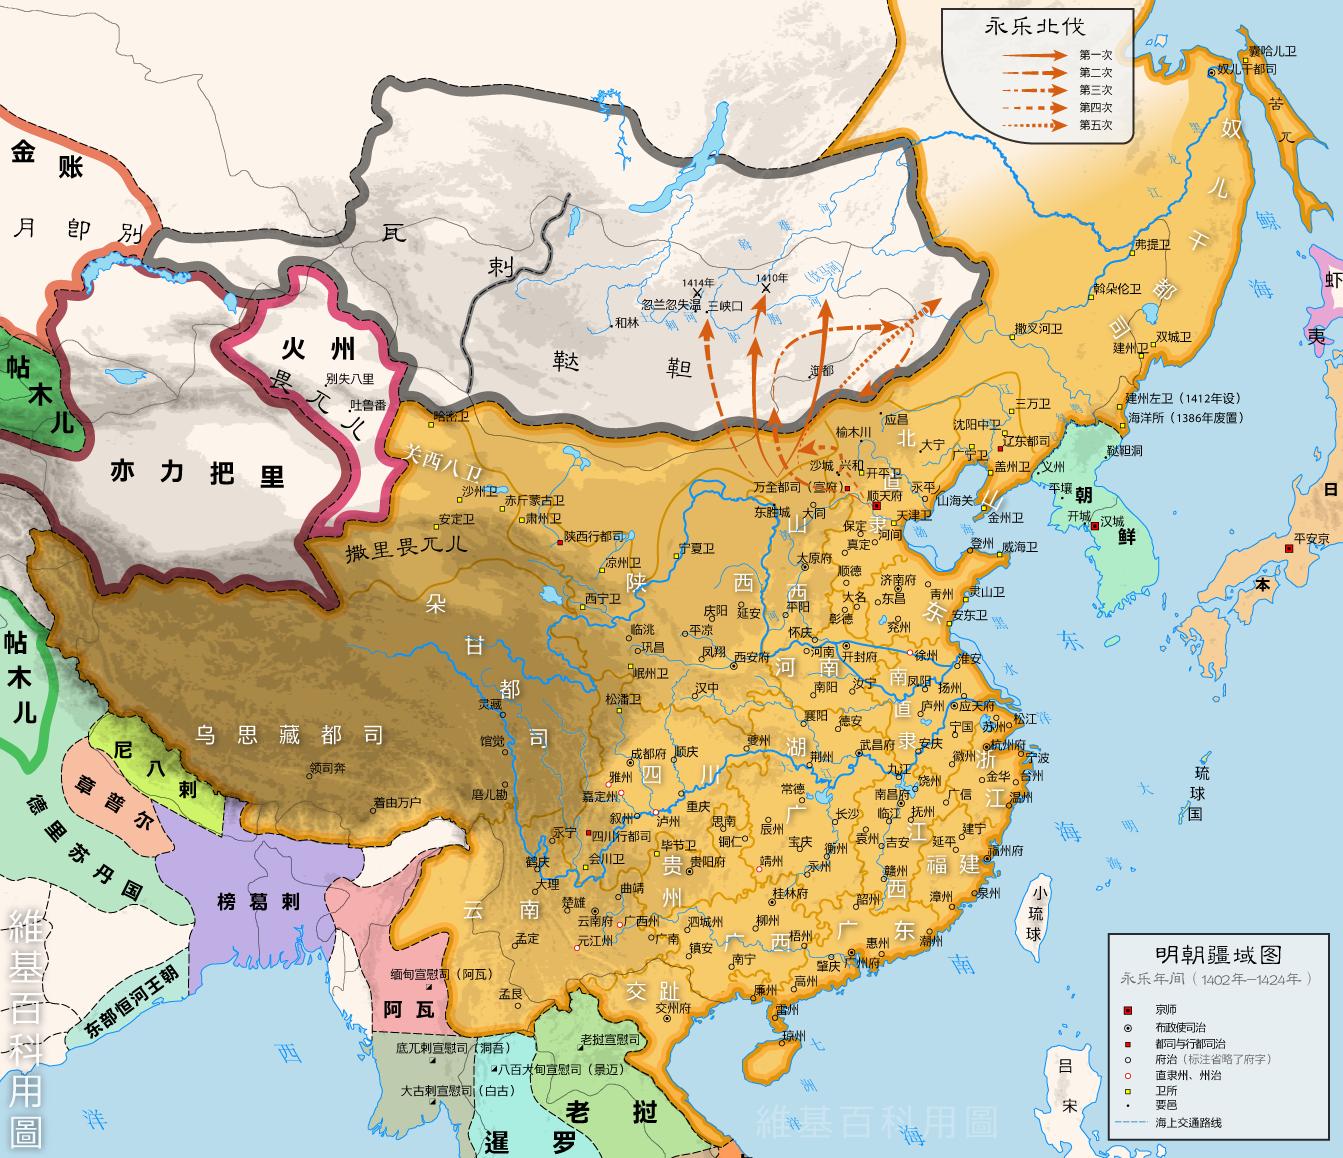 明朝地图_明朝疆域全图(二)1582年